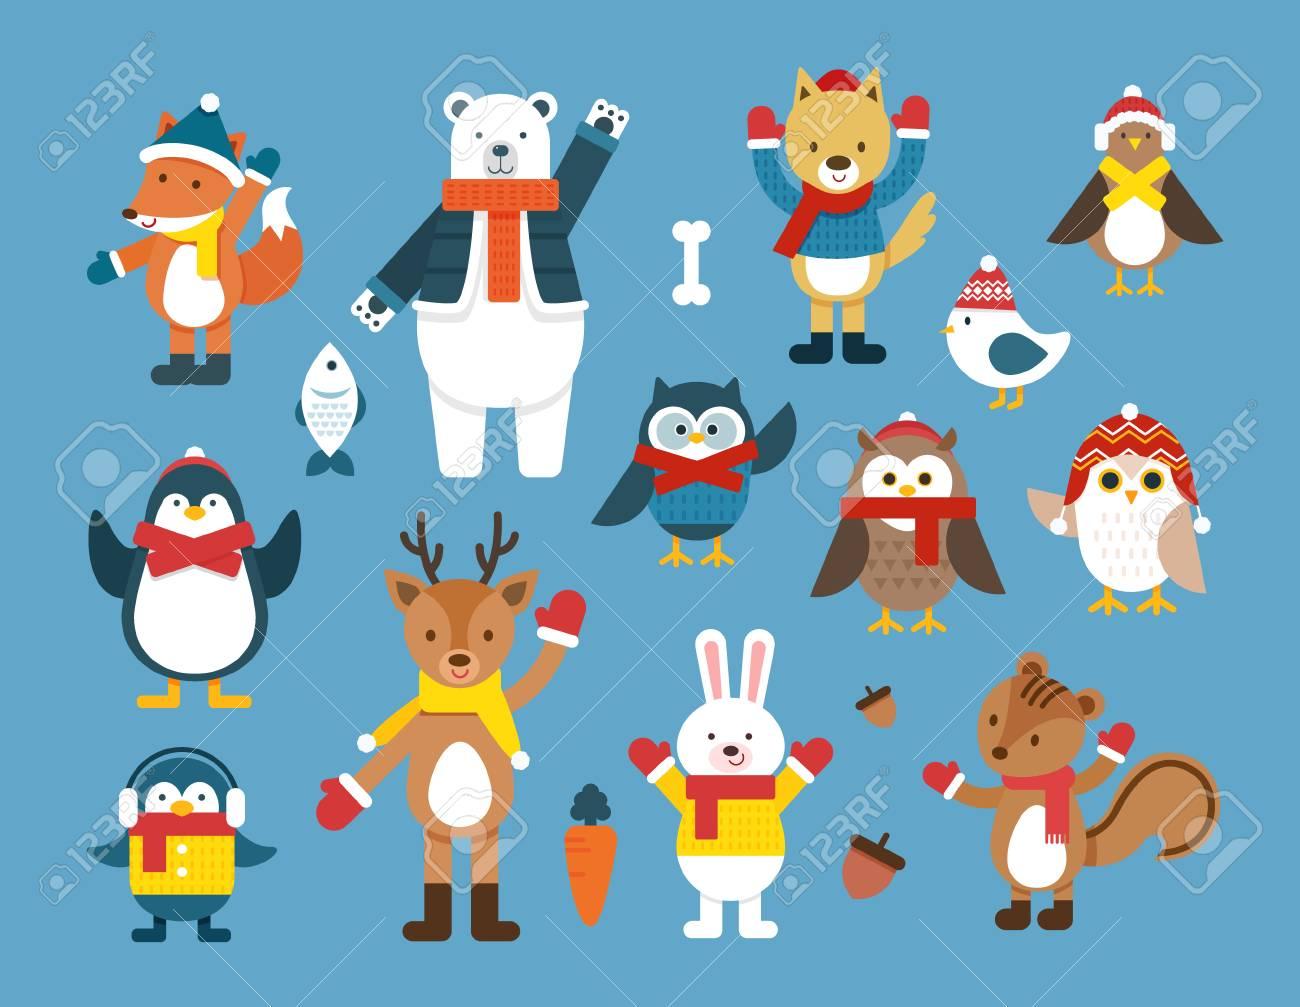 冬の動物イラスト ロイヤリティフリークリップアート、ベクター